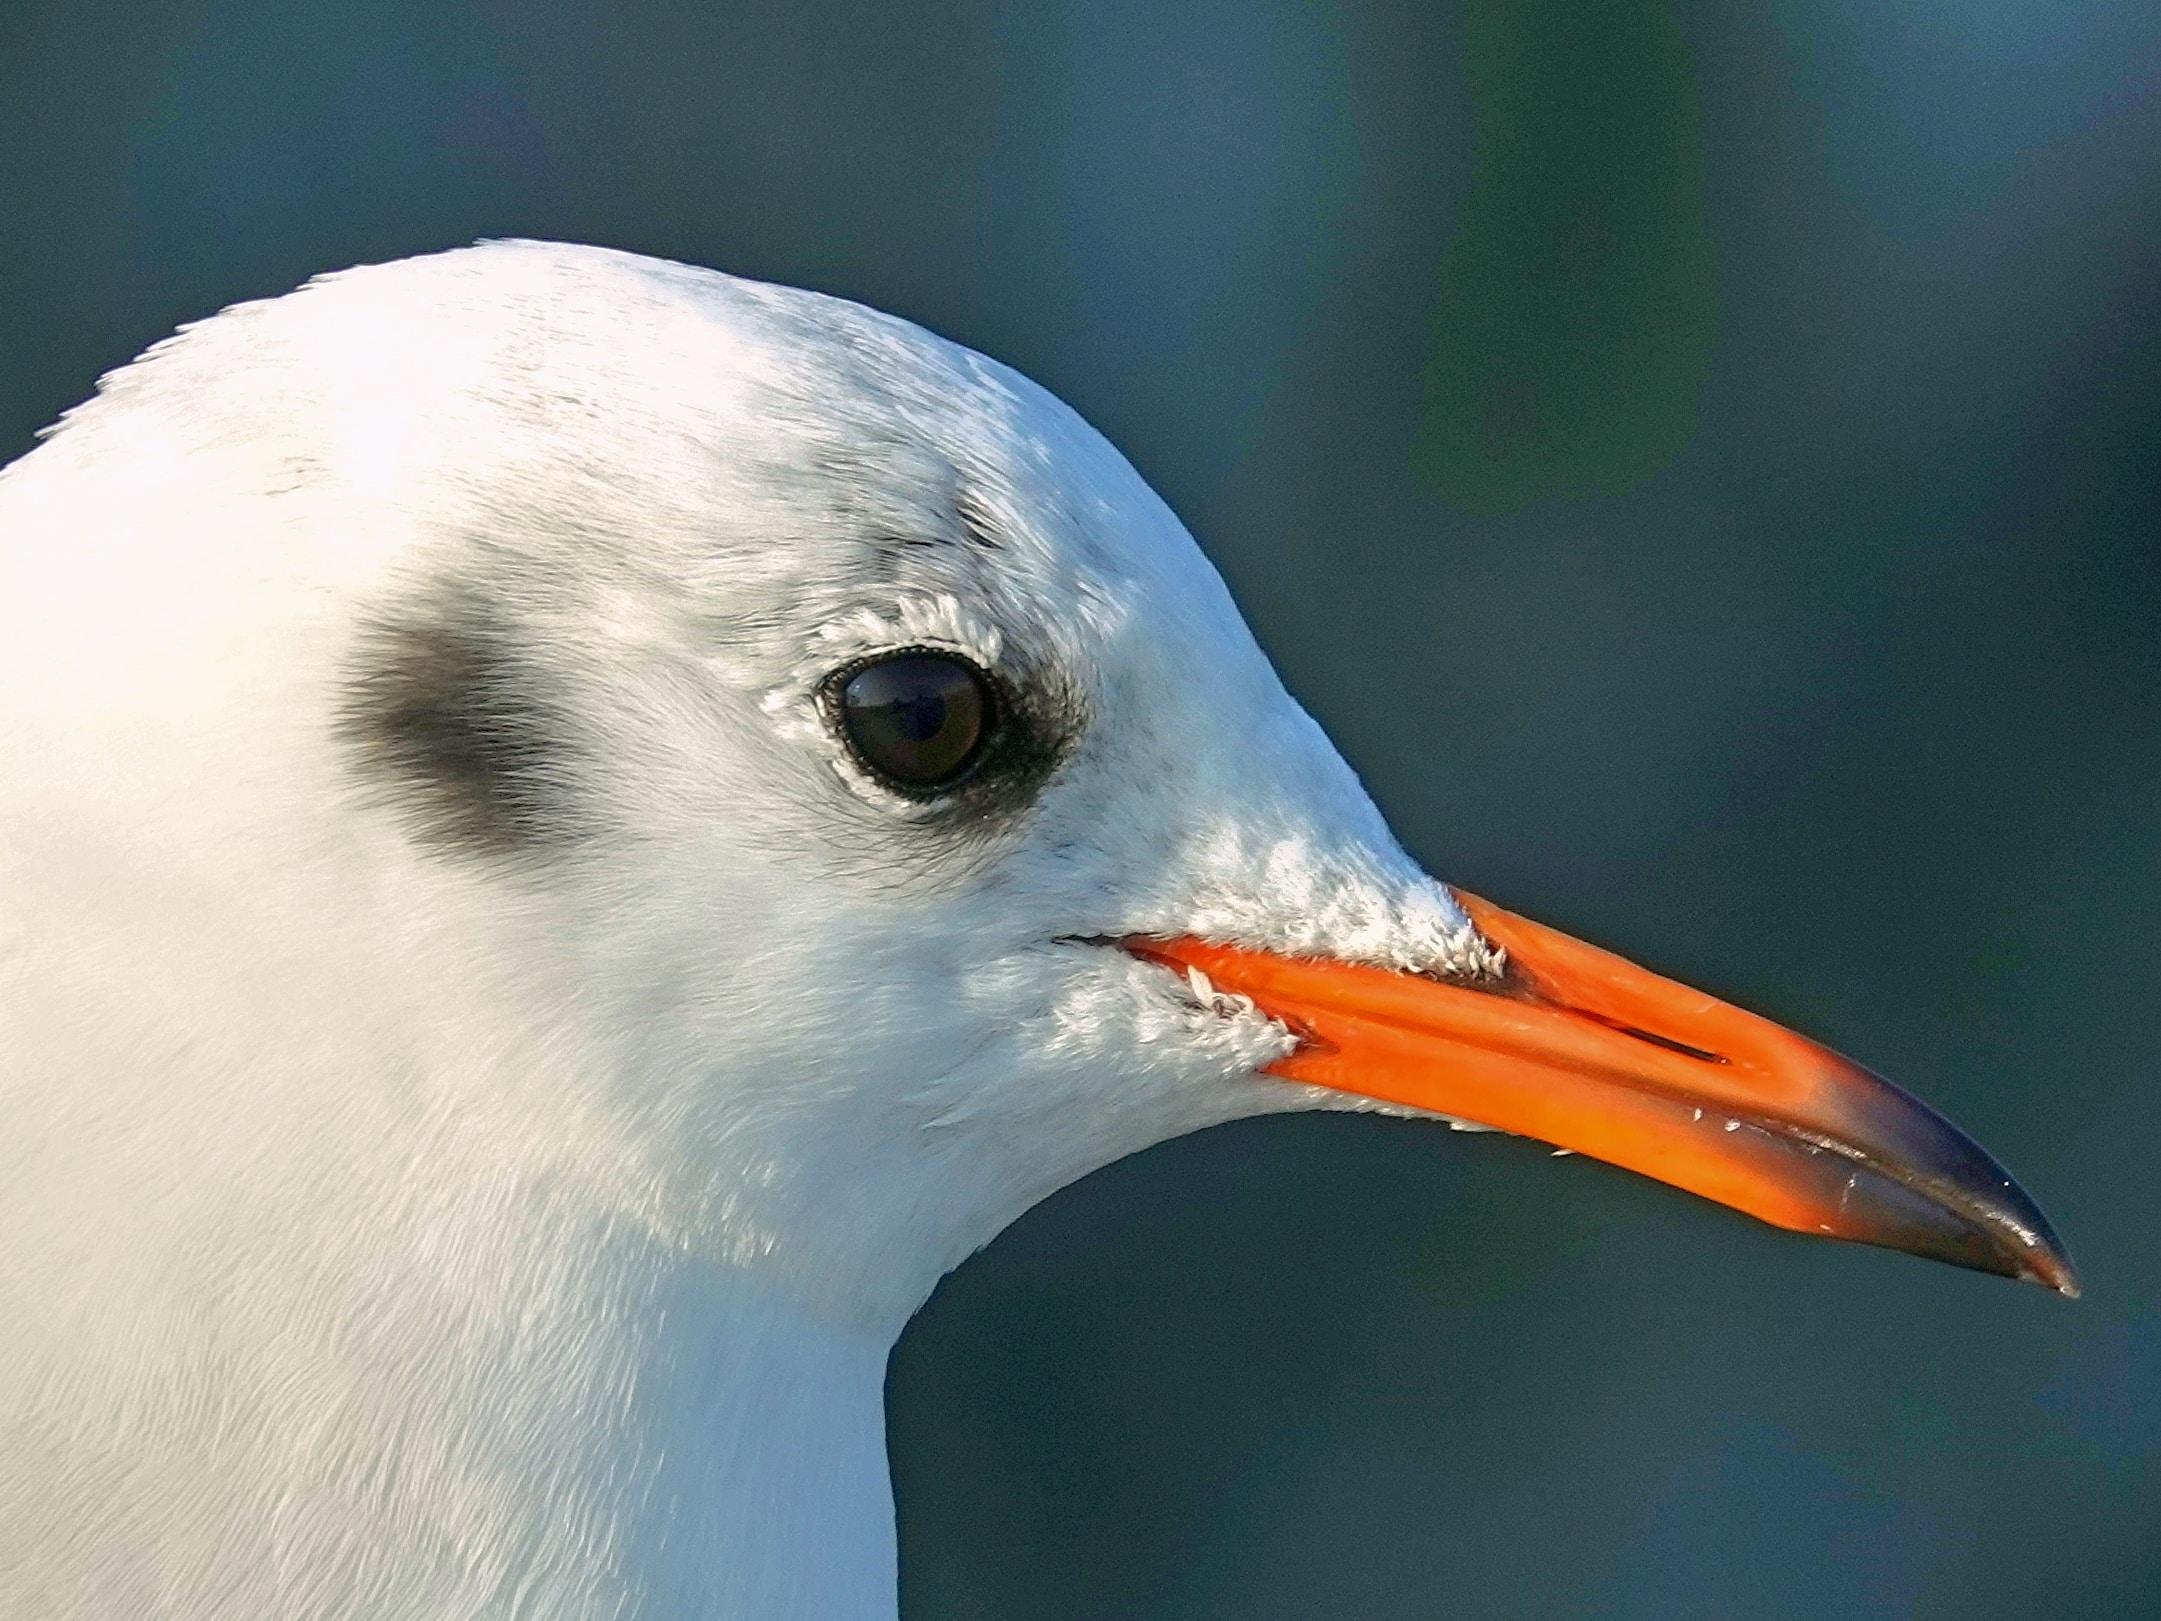 shallow focus photo of white bird